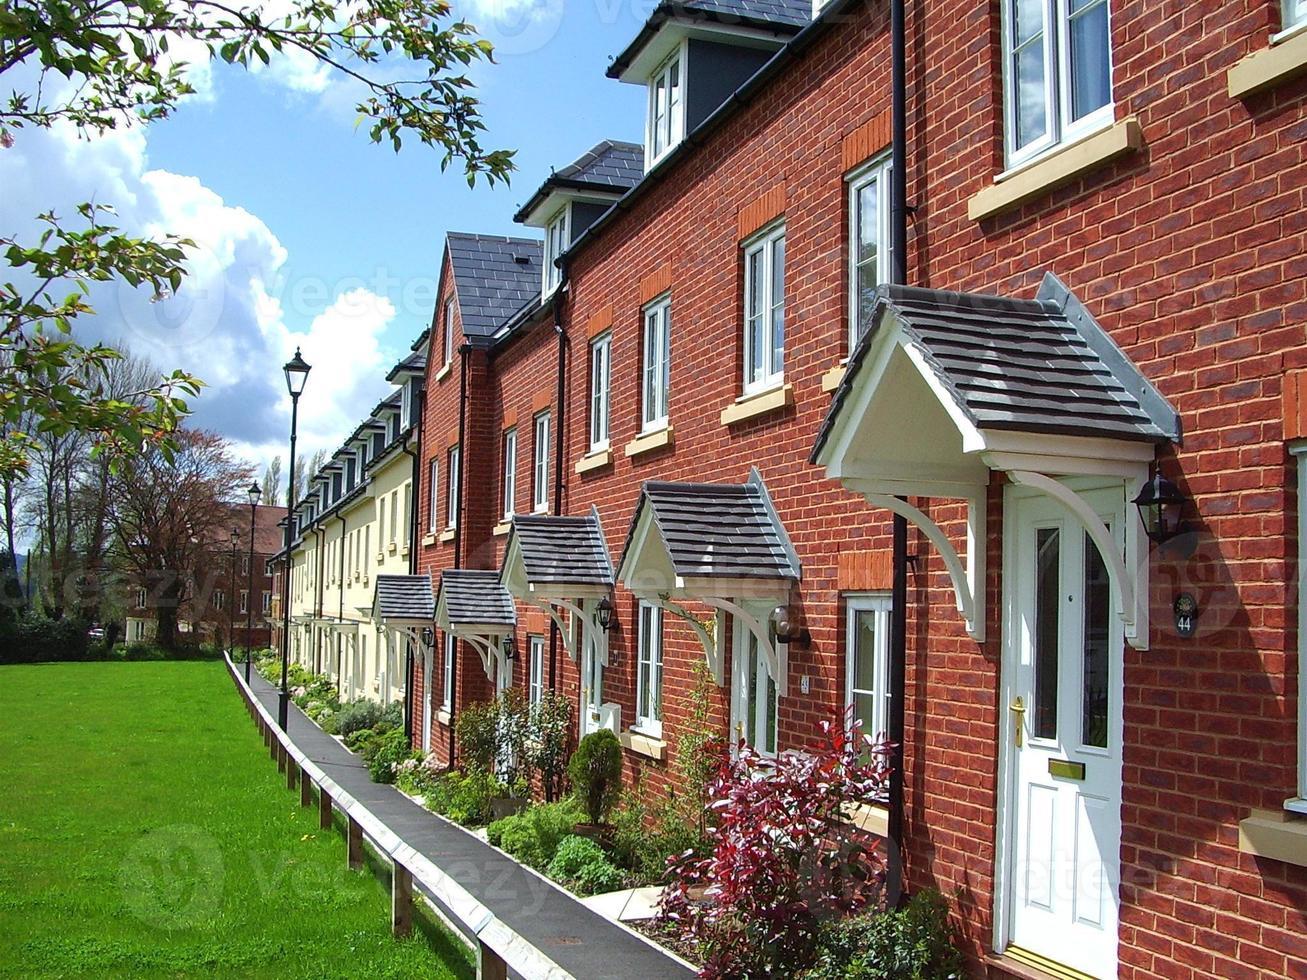 Maisons avec terrasse du 21e siècle photo